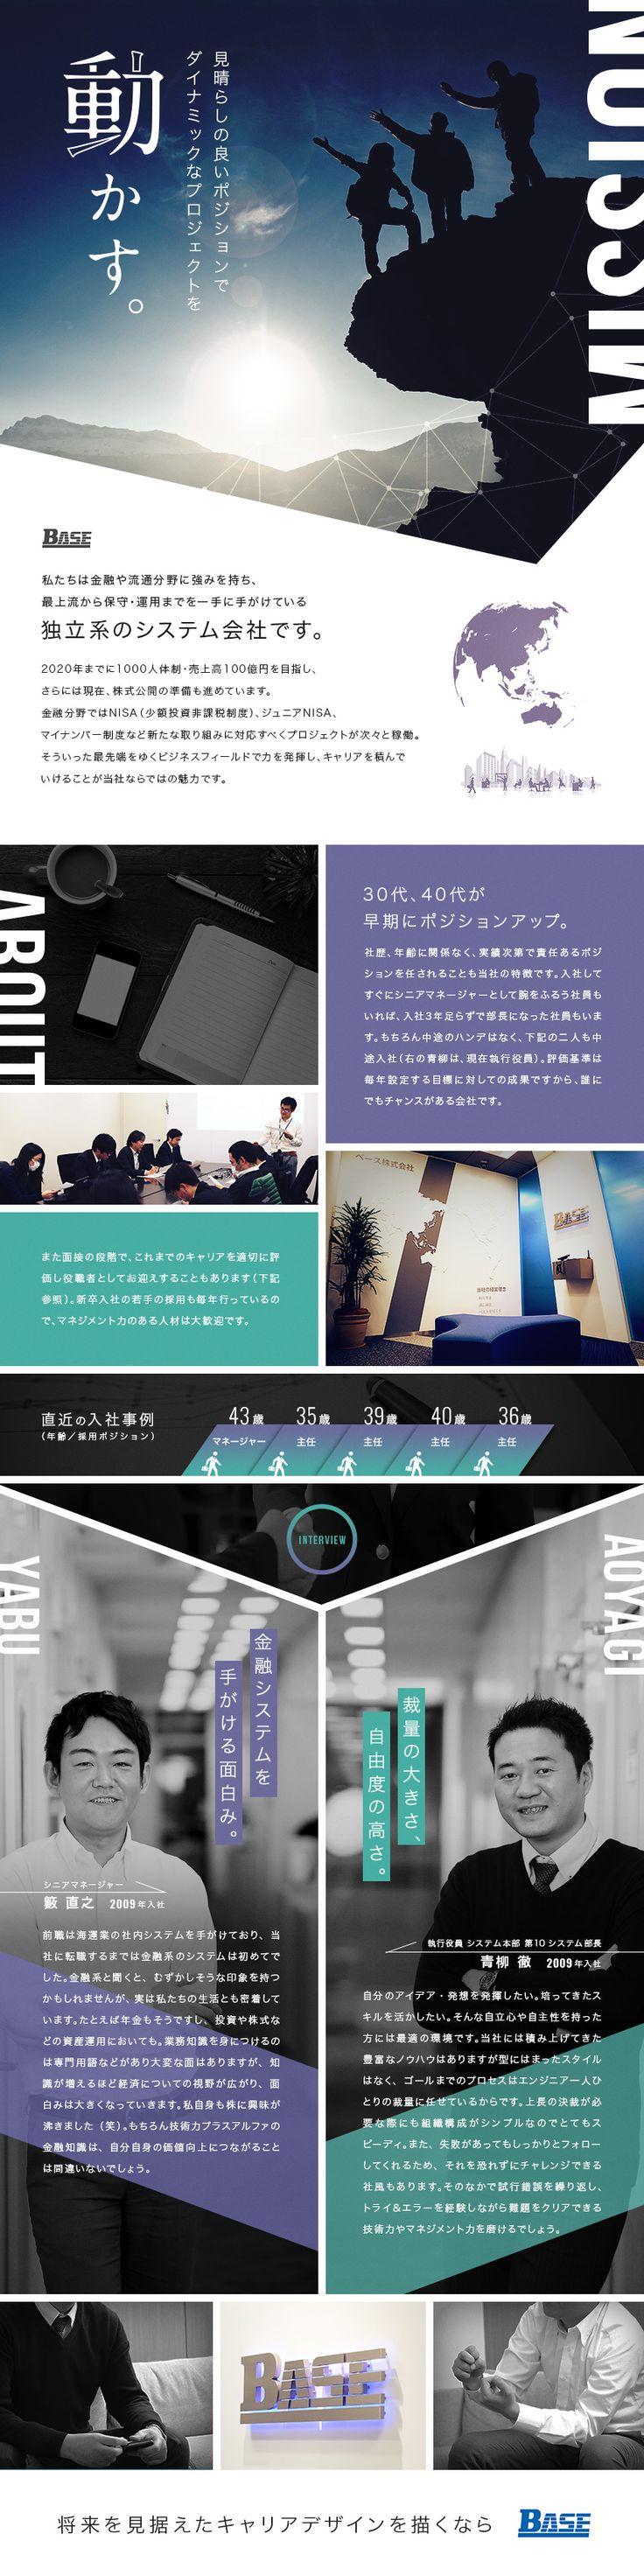 ベース株式会社/システムエンジニア(主任・PL・PM)/プライム案件中心・最上流から参画できますの求人PR - 転職ならDODA(デューダ)